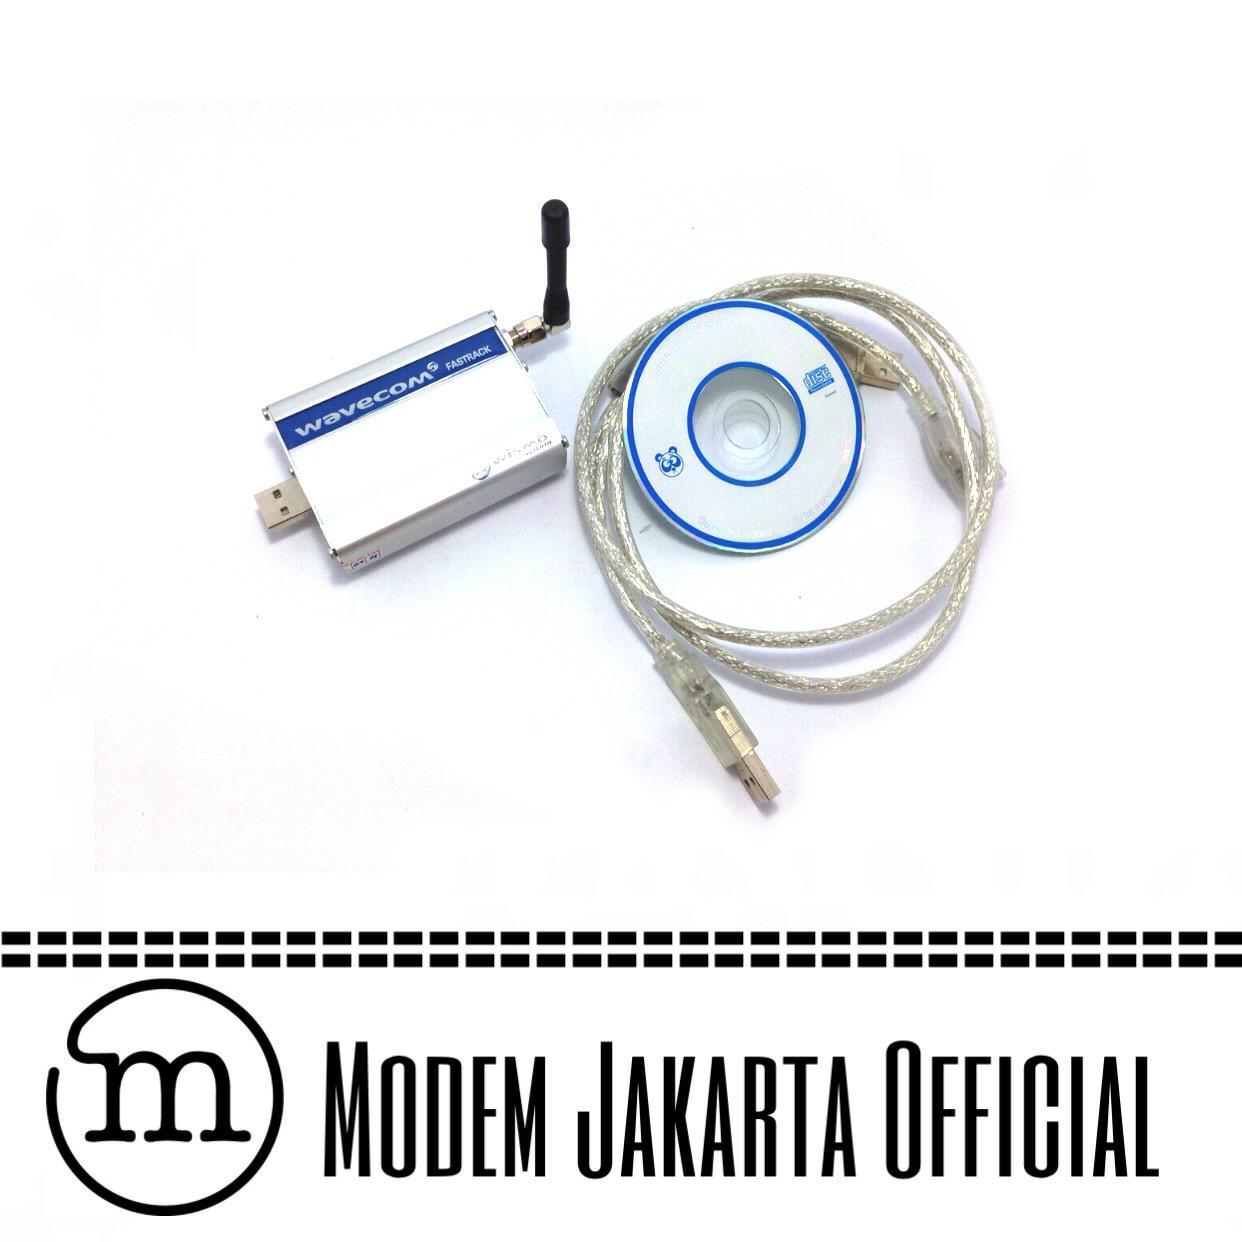 Jual Modem Sms Gateway Wavecom M1306b Q2406b S Usb Jakarta Official Tokopedia